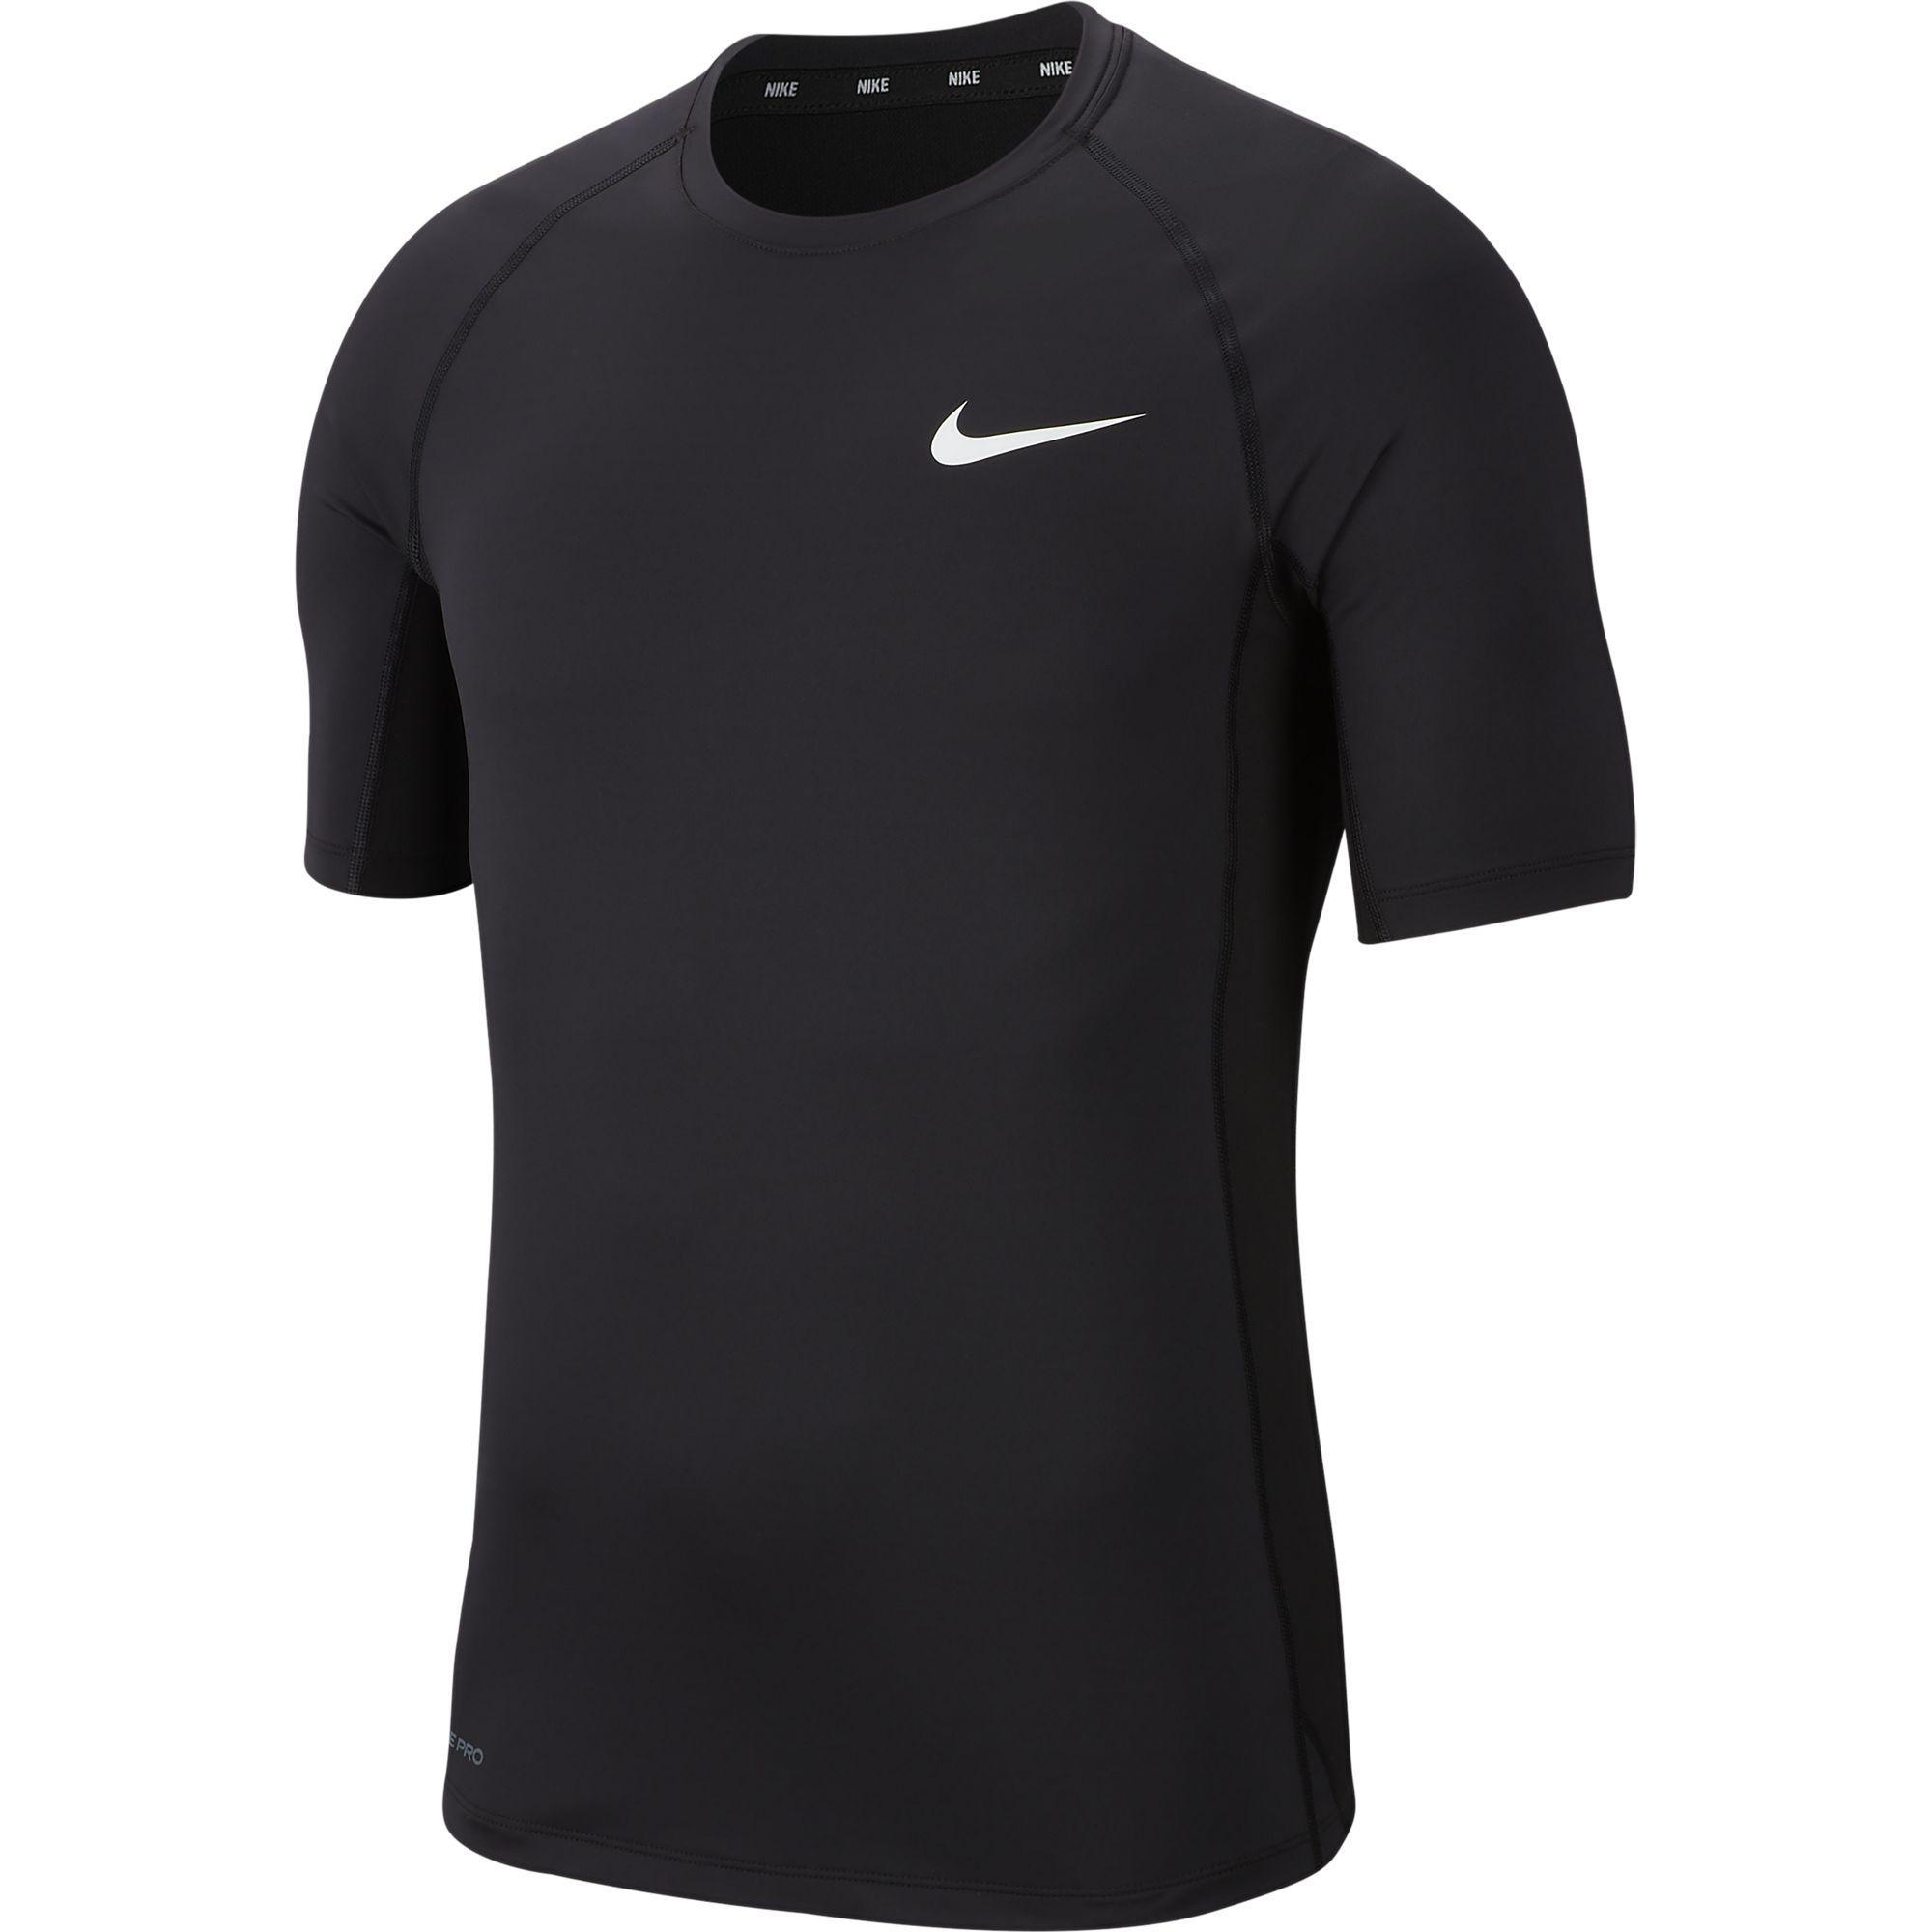 Men's Pro Short-Sleeve Top, Black, swatch